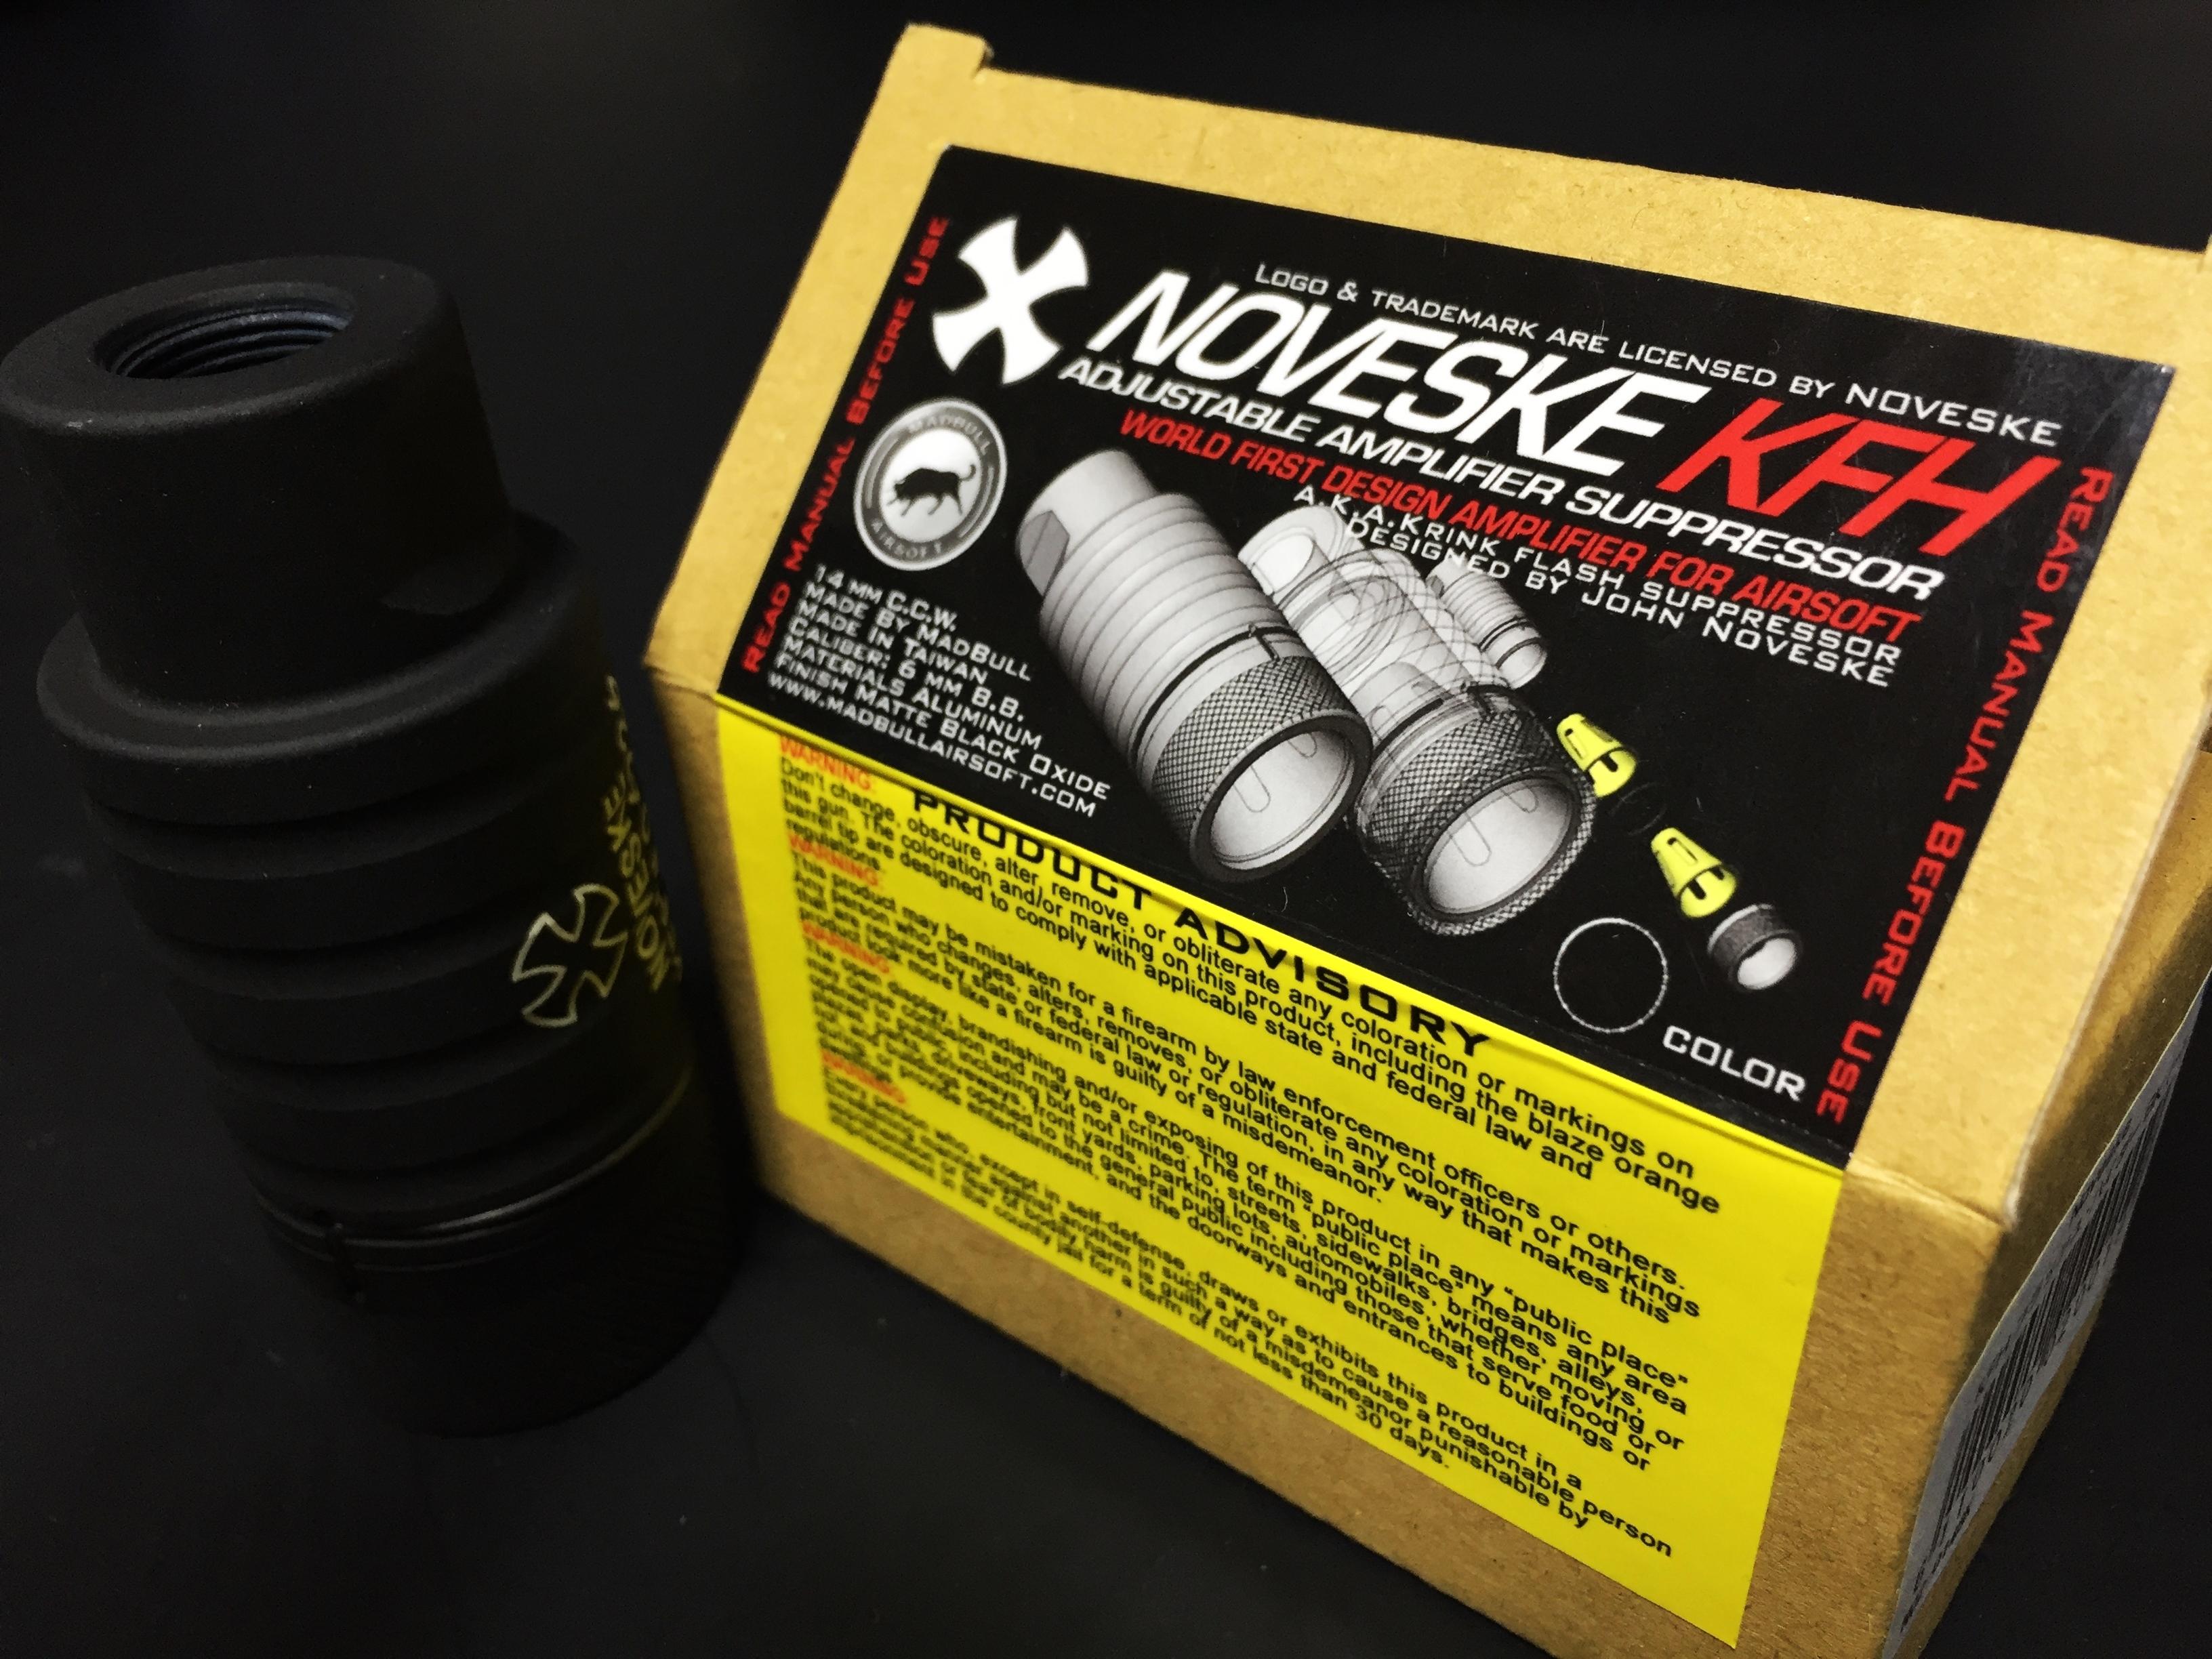 9 NOVESKE KFH MADBULL 社製 Noveske公認 マットブル フラッシュハイダー 14mm 逆ネジ 高品質 レプリカ